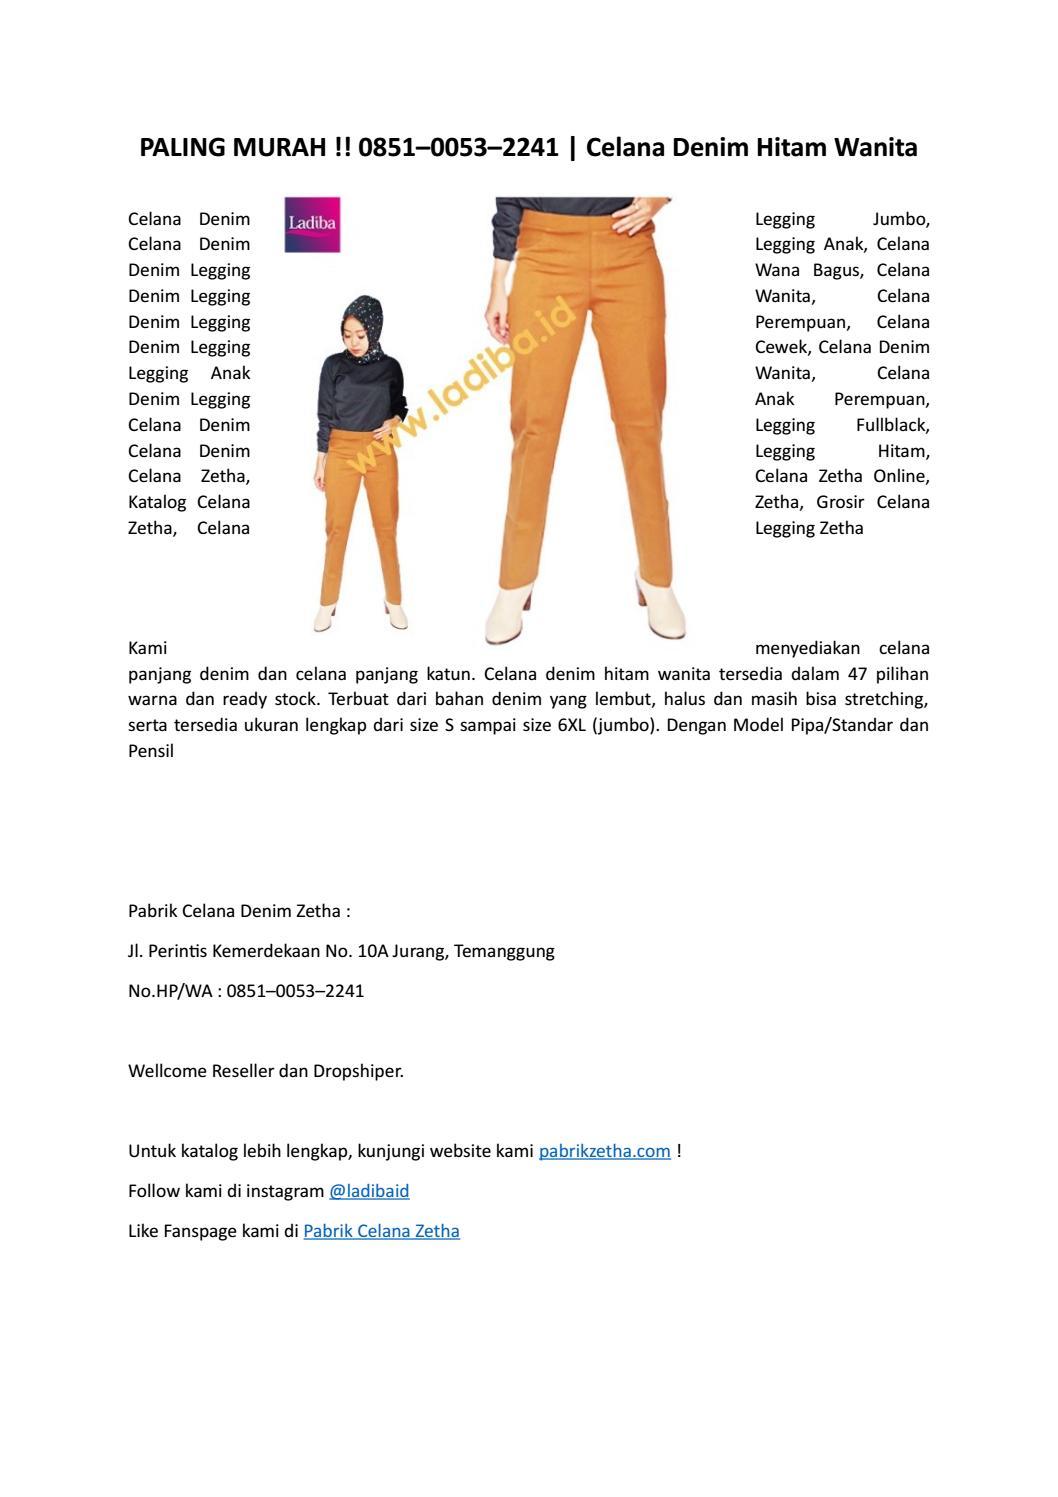 Paling Murah 0851 0053 2241 Celana Denim Hitam Wanita By Pusat Grosir Celana Denim Wanita 0851 0053 2241 Issuu